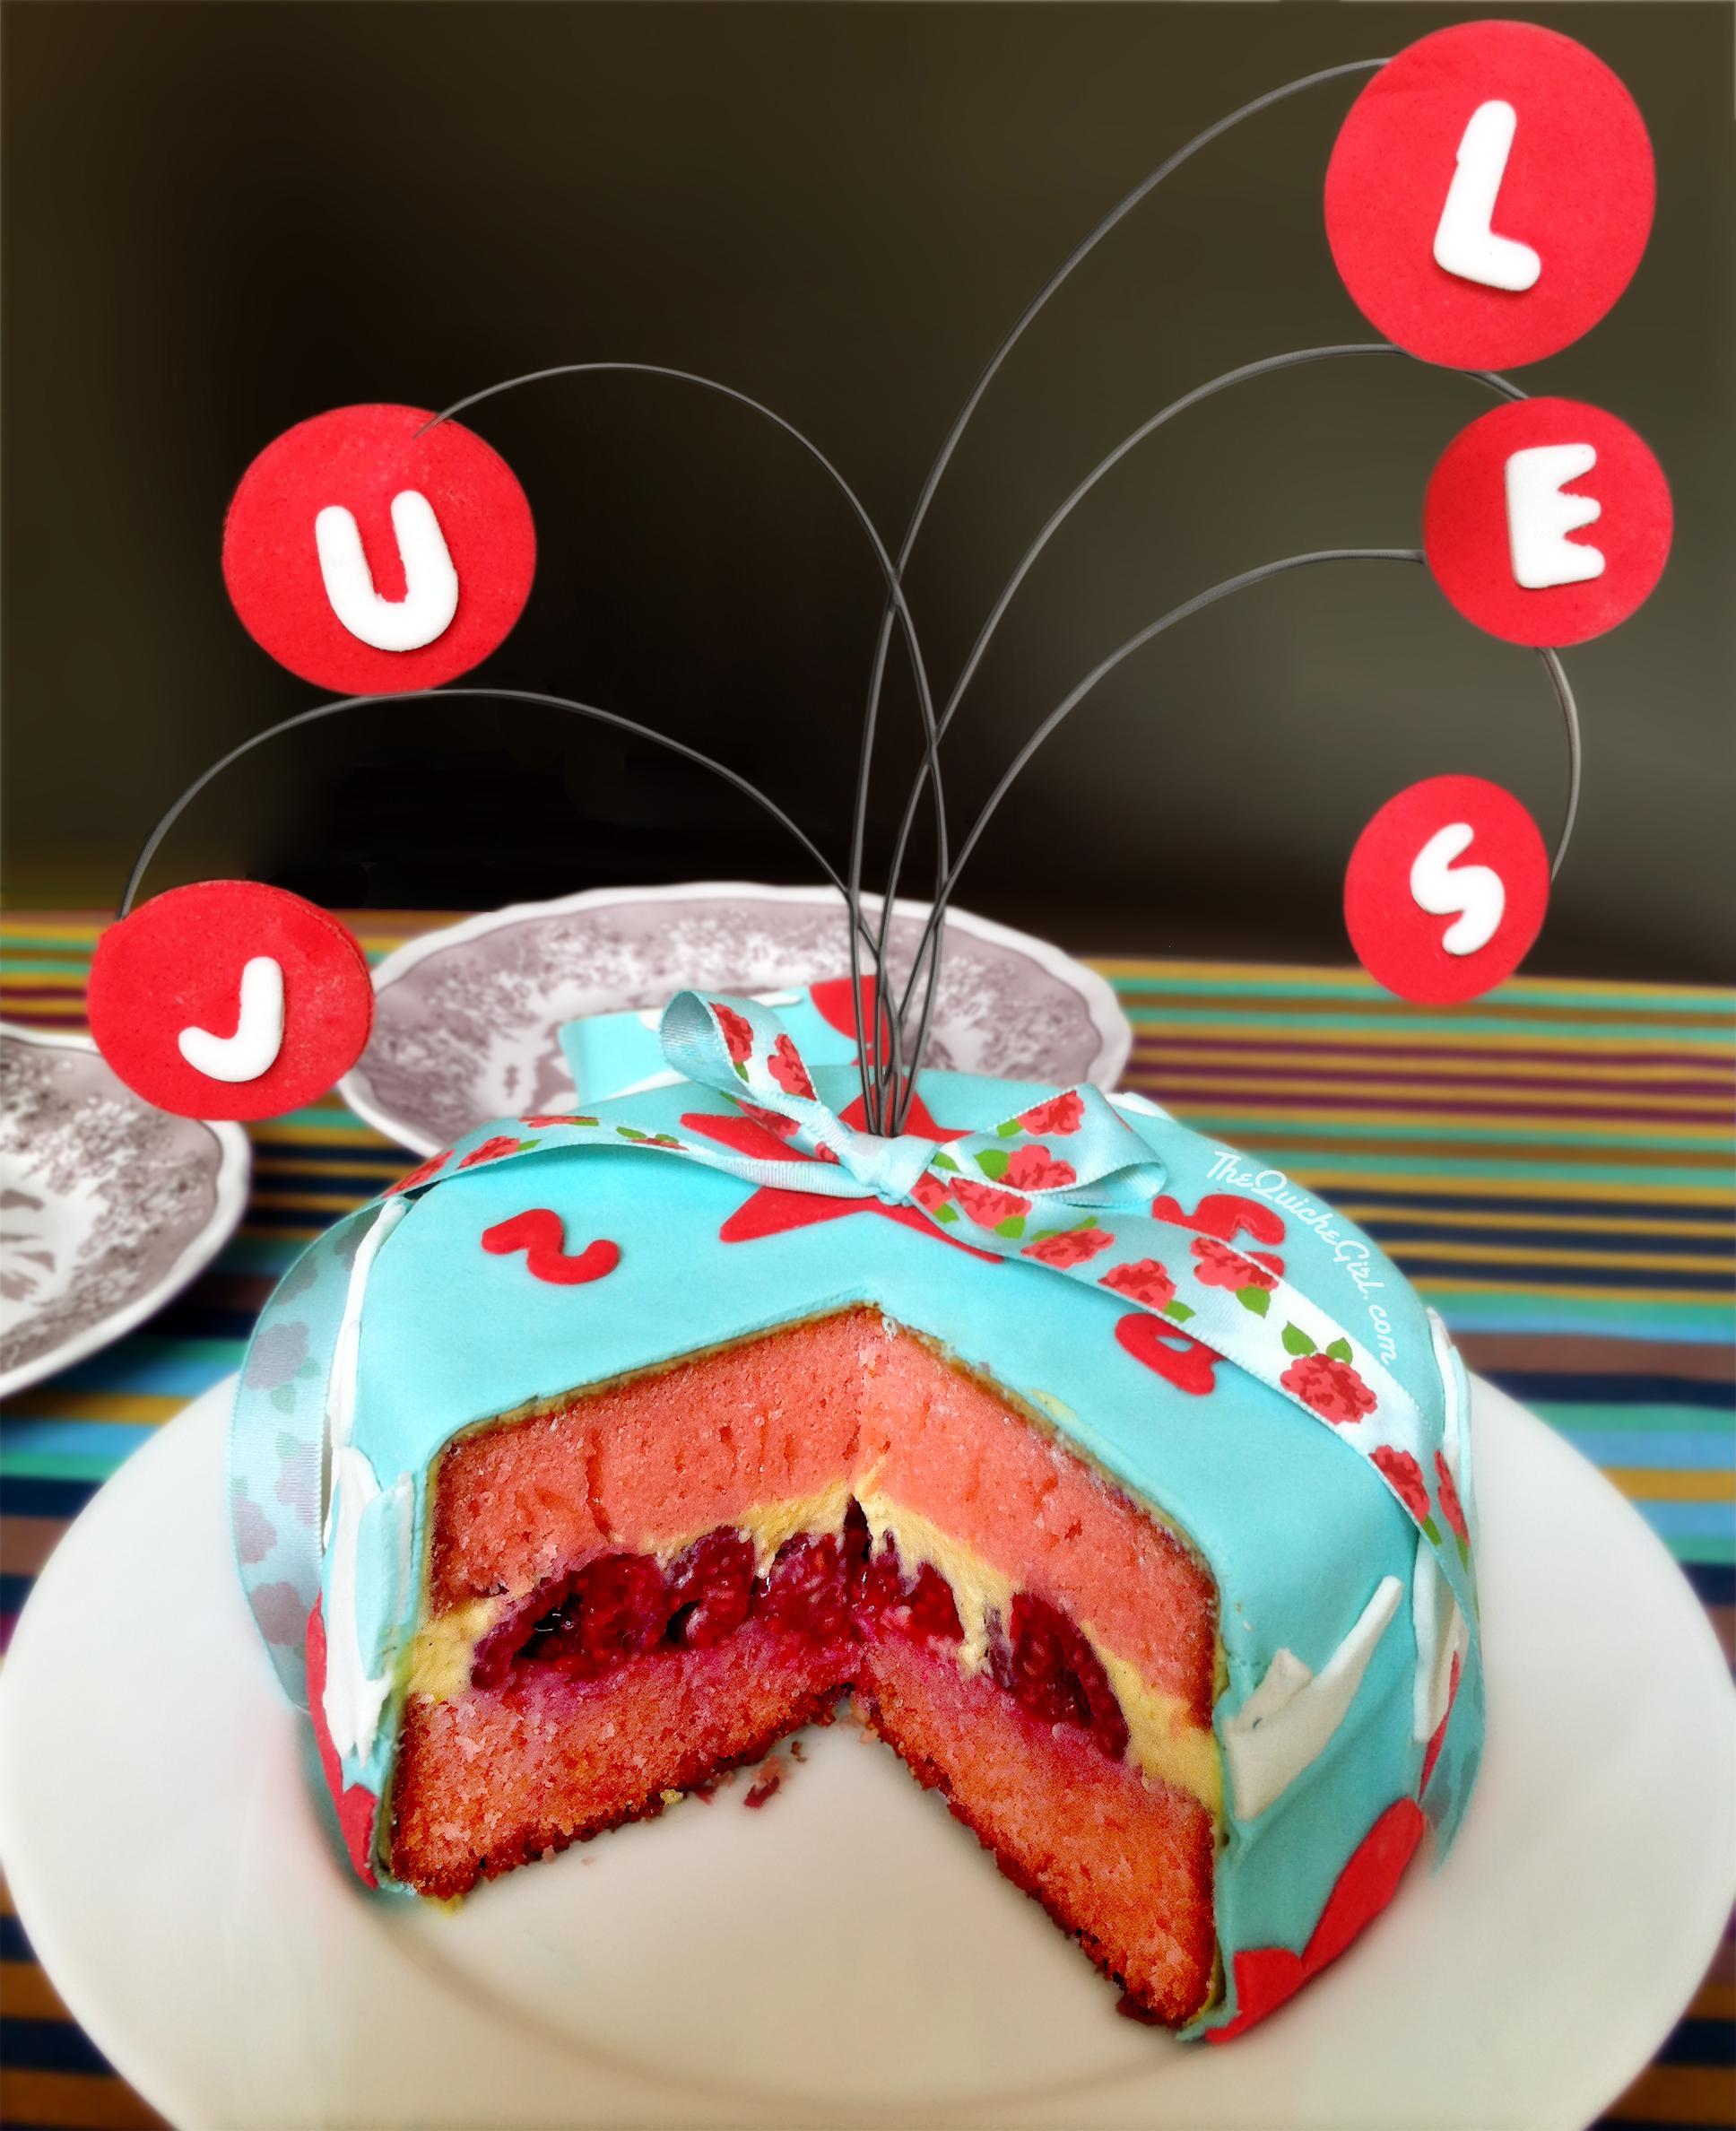 Connu Birthday Cake // La patrouille des éléphants | QuicheGirl XW52